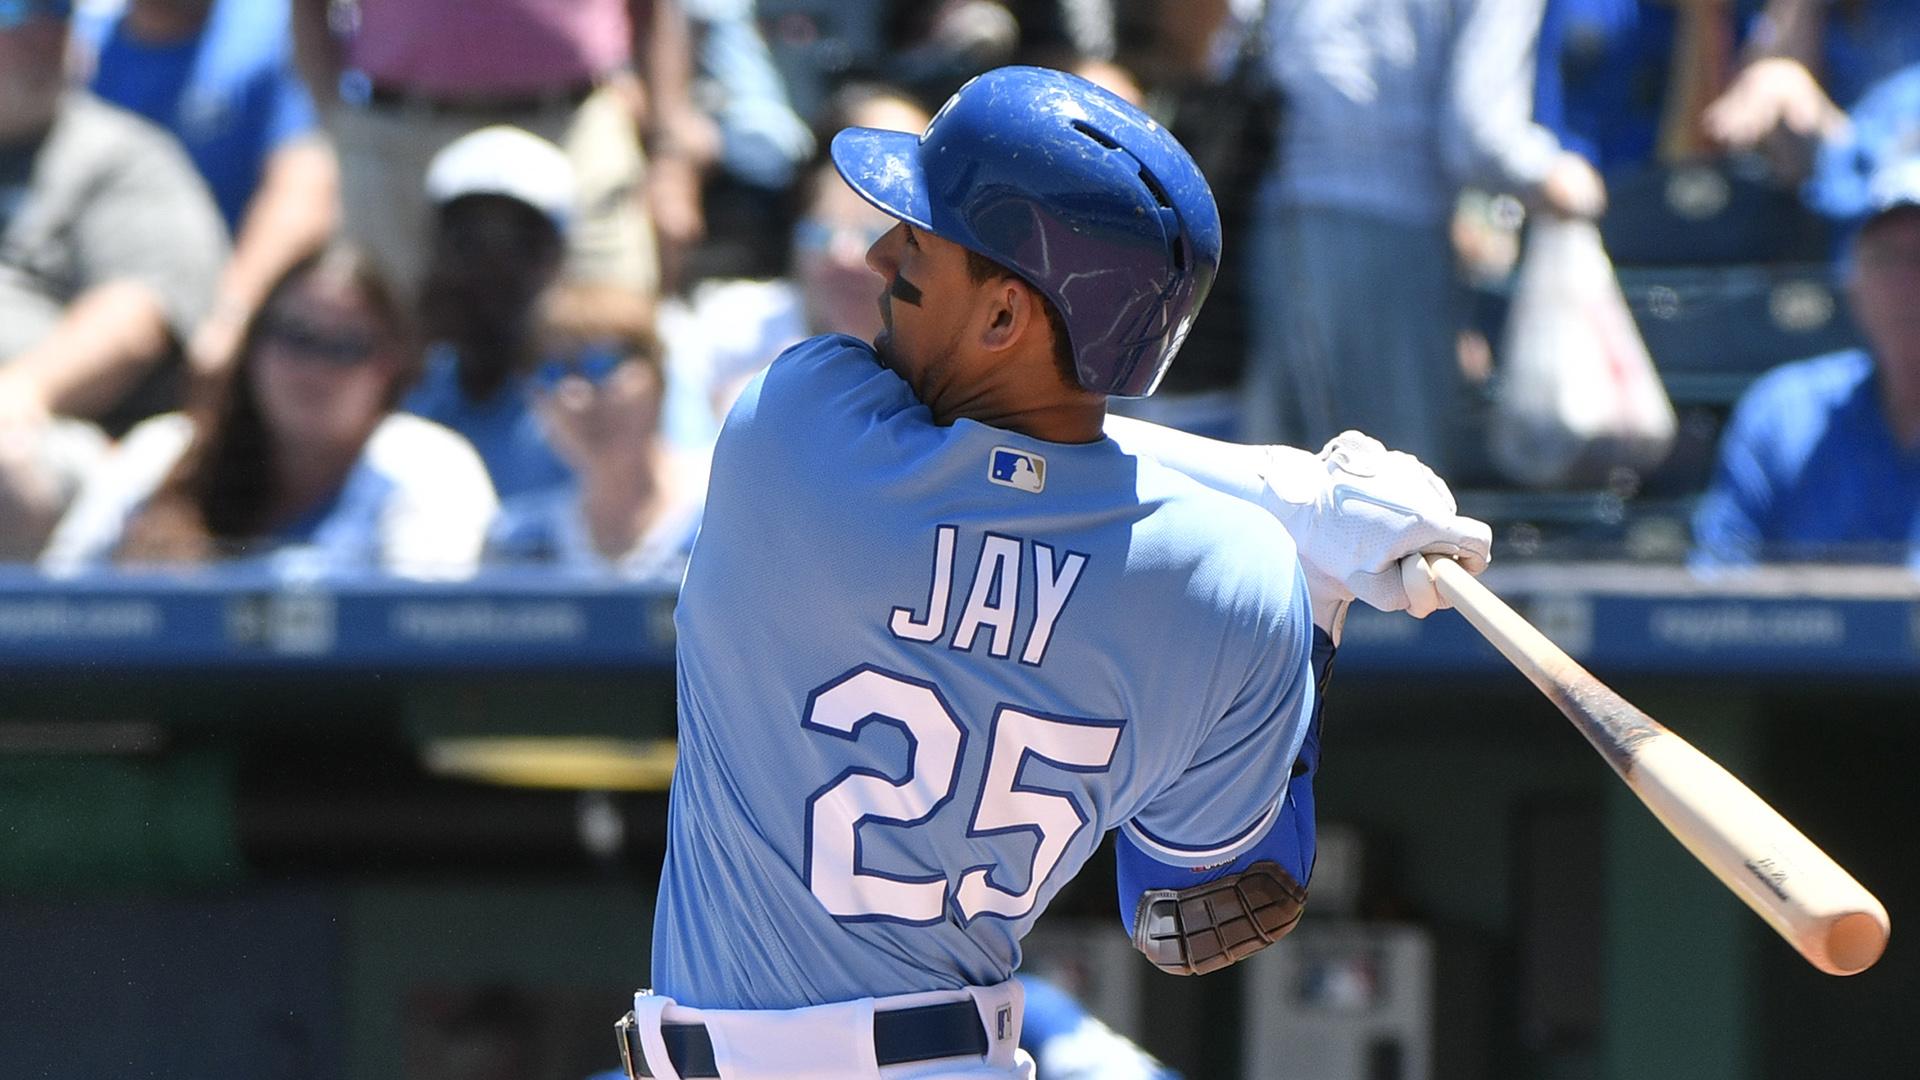 MLB trade news: Diamondbacks acquire Jon Jay from Royals for 2 minor leaguers